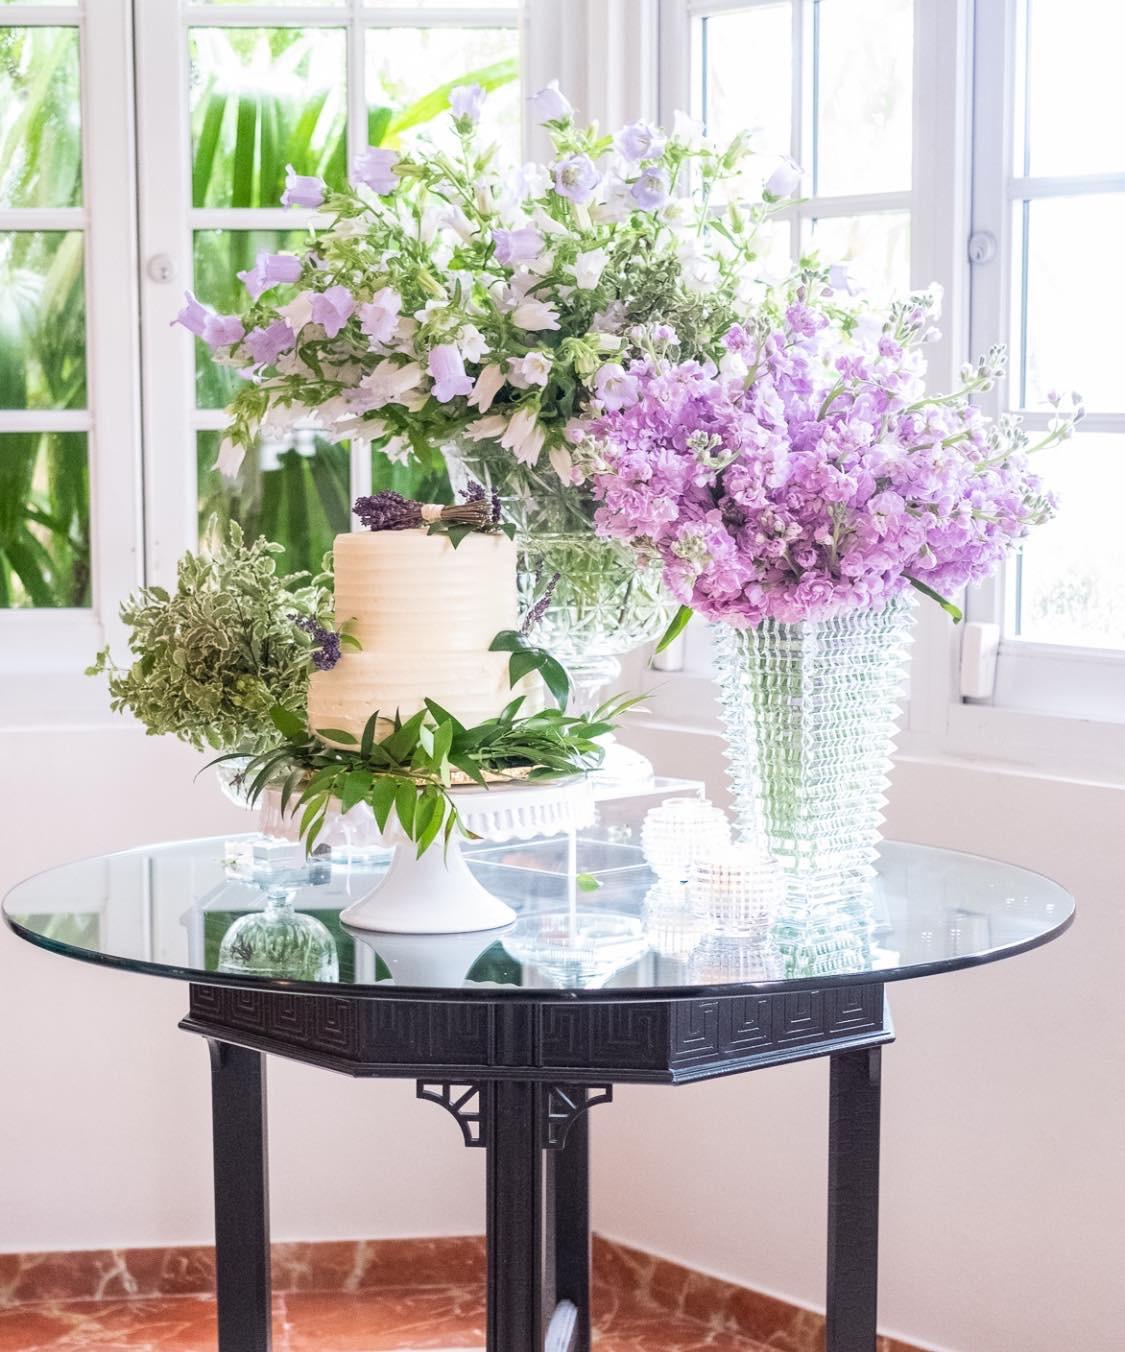 El hecho de que la boda sea en casa no quiere decir que hay que restarle al glamour y buen gusto. (Ishan Robles)